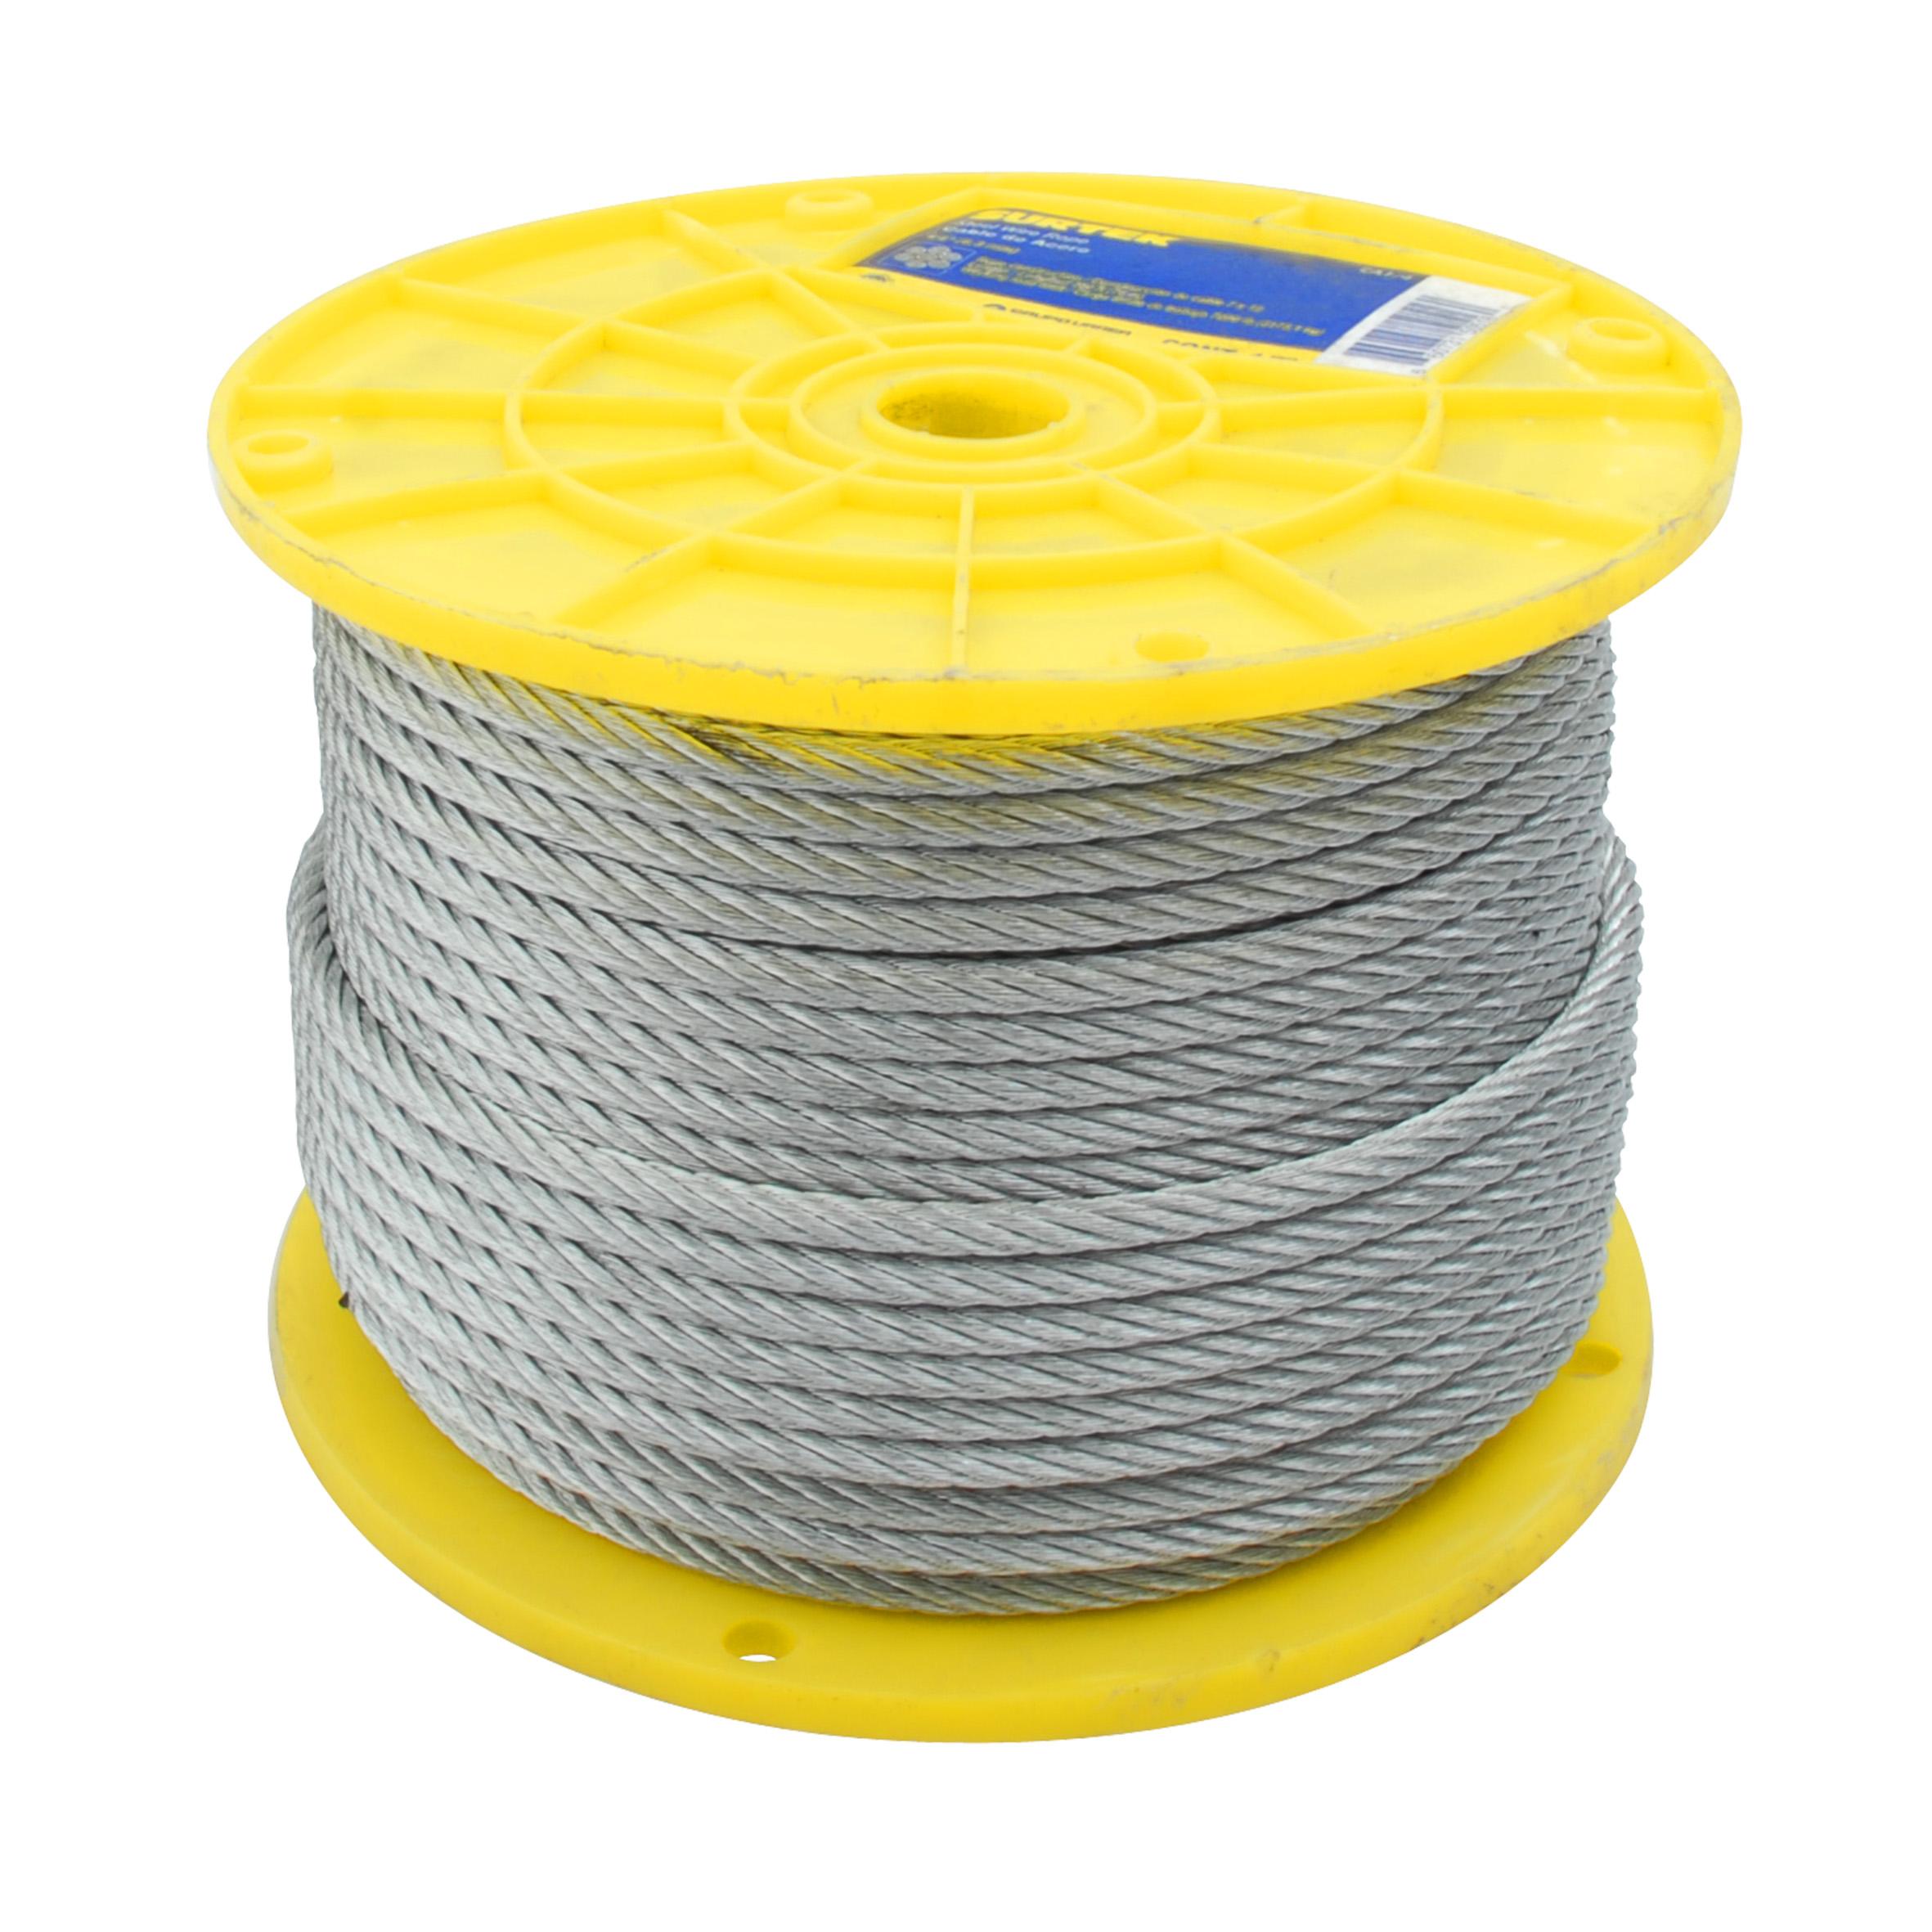 Cable de acero 1 16 x 152m urrea for Cable de acero precio